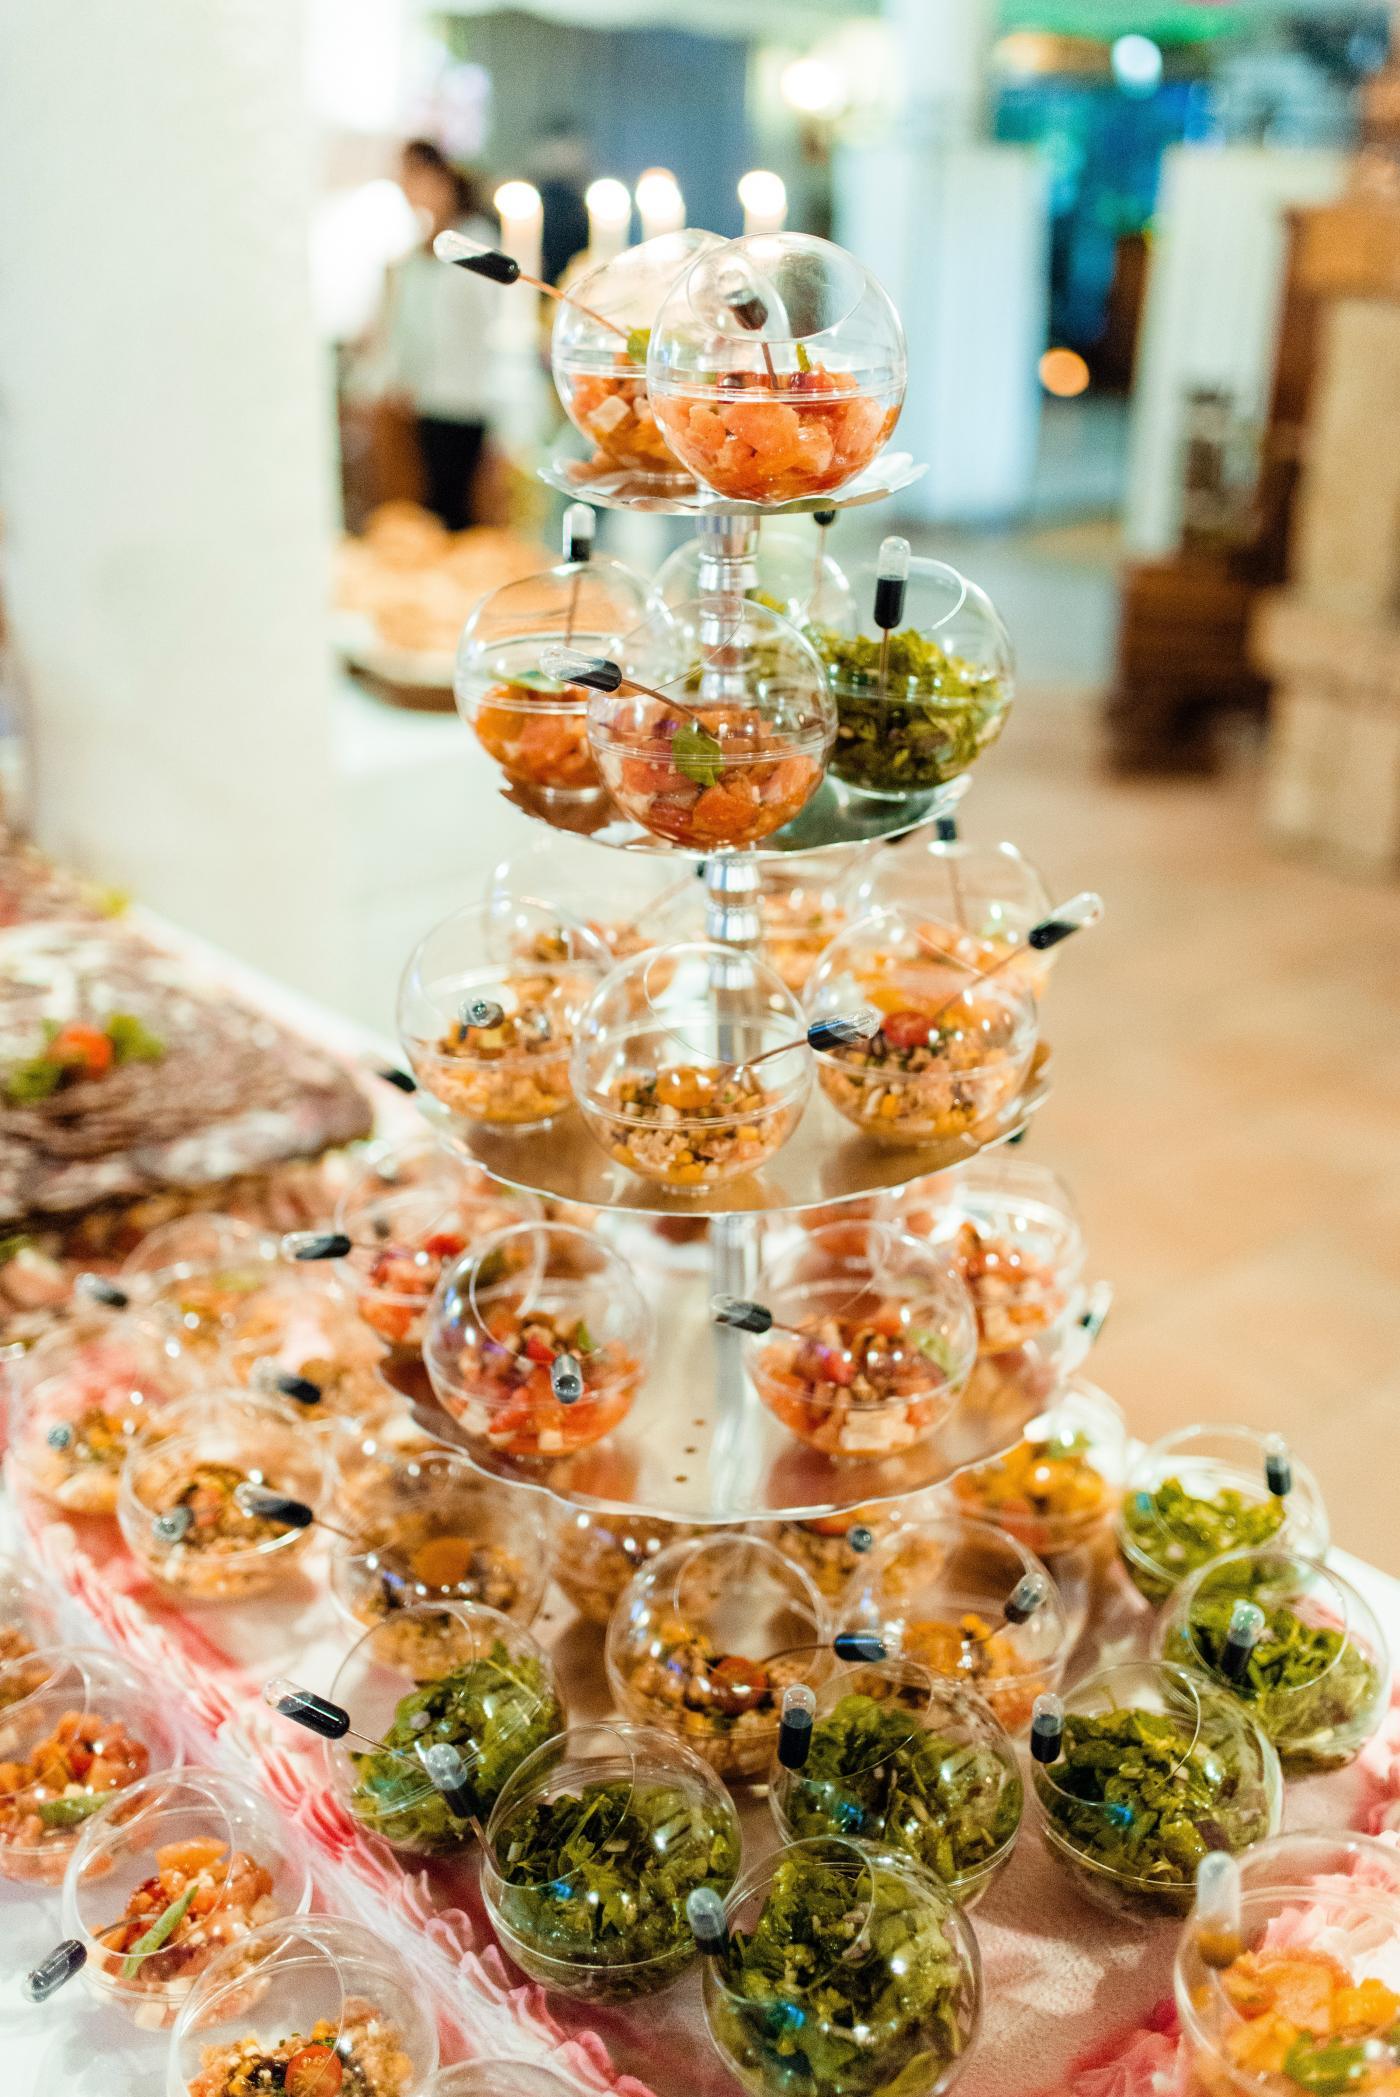 traiteur-a-casetta-a-cuttoli-corticchiato-des-plateaux-repas-elabores-dans-respect-de-tradition-corse-et-de-gastronomie-francaise